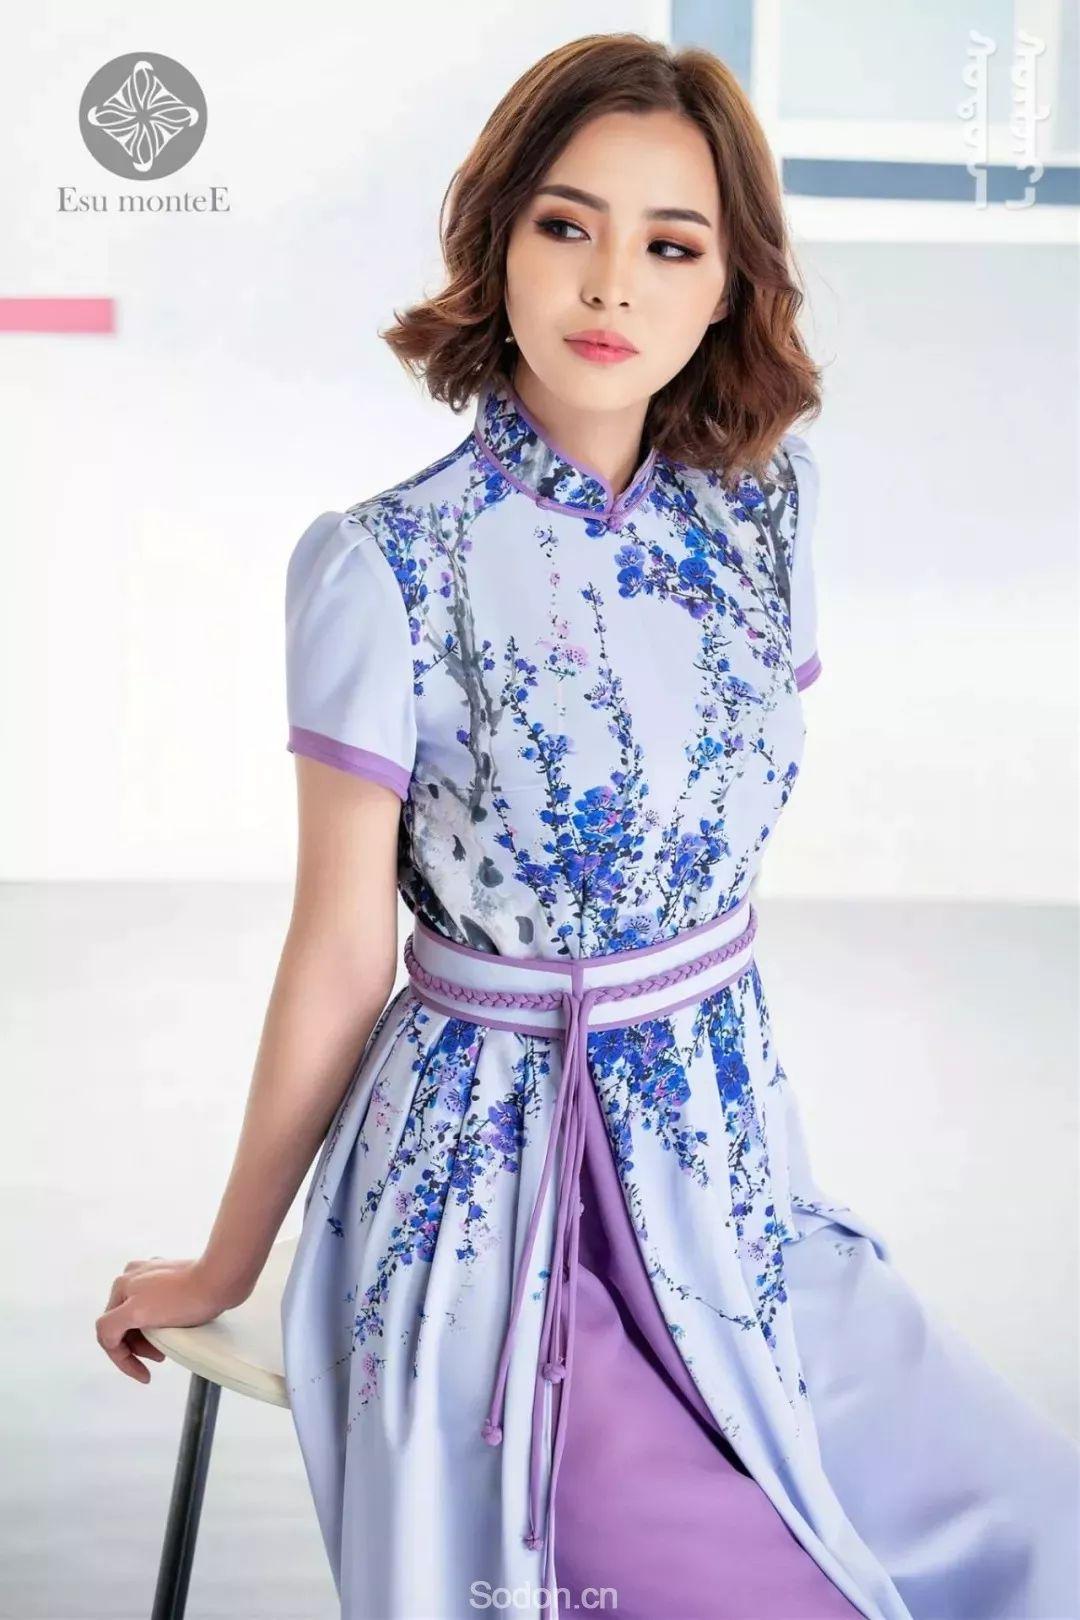 蒙古国Esu蒙古时装2019夏季新款首发! 第6张